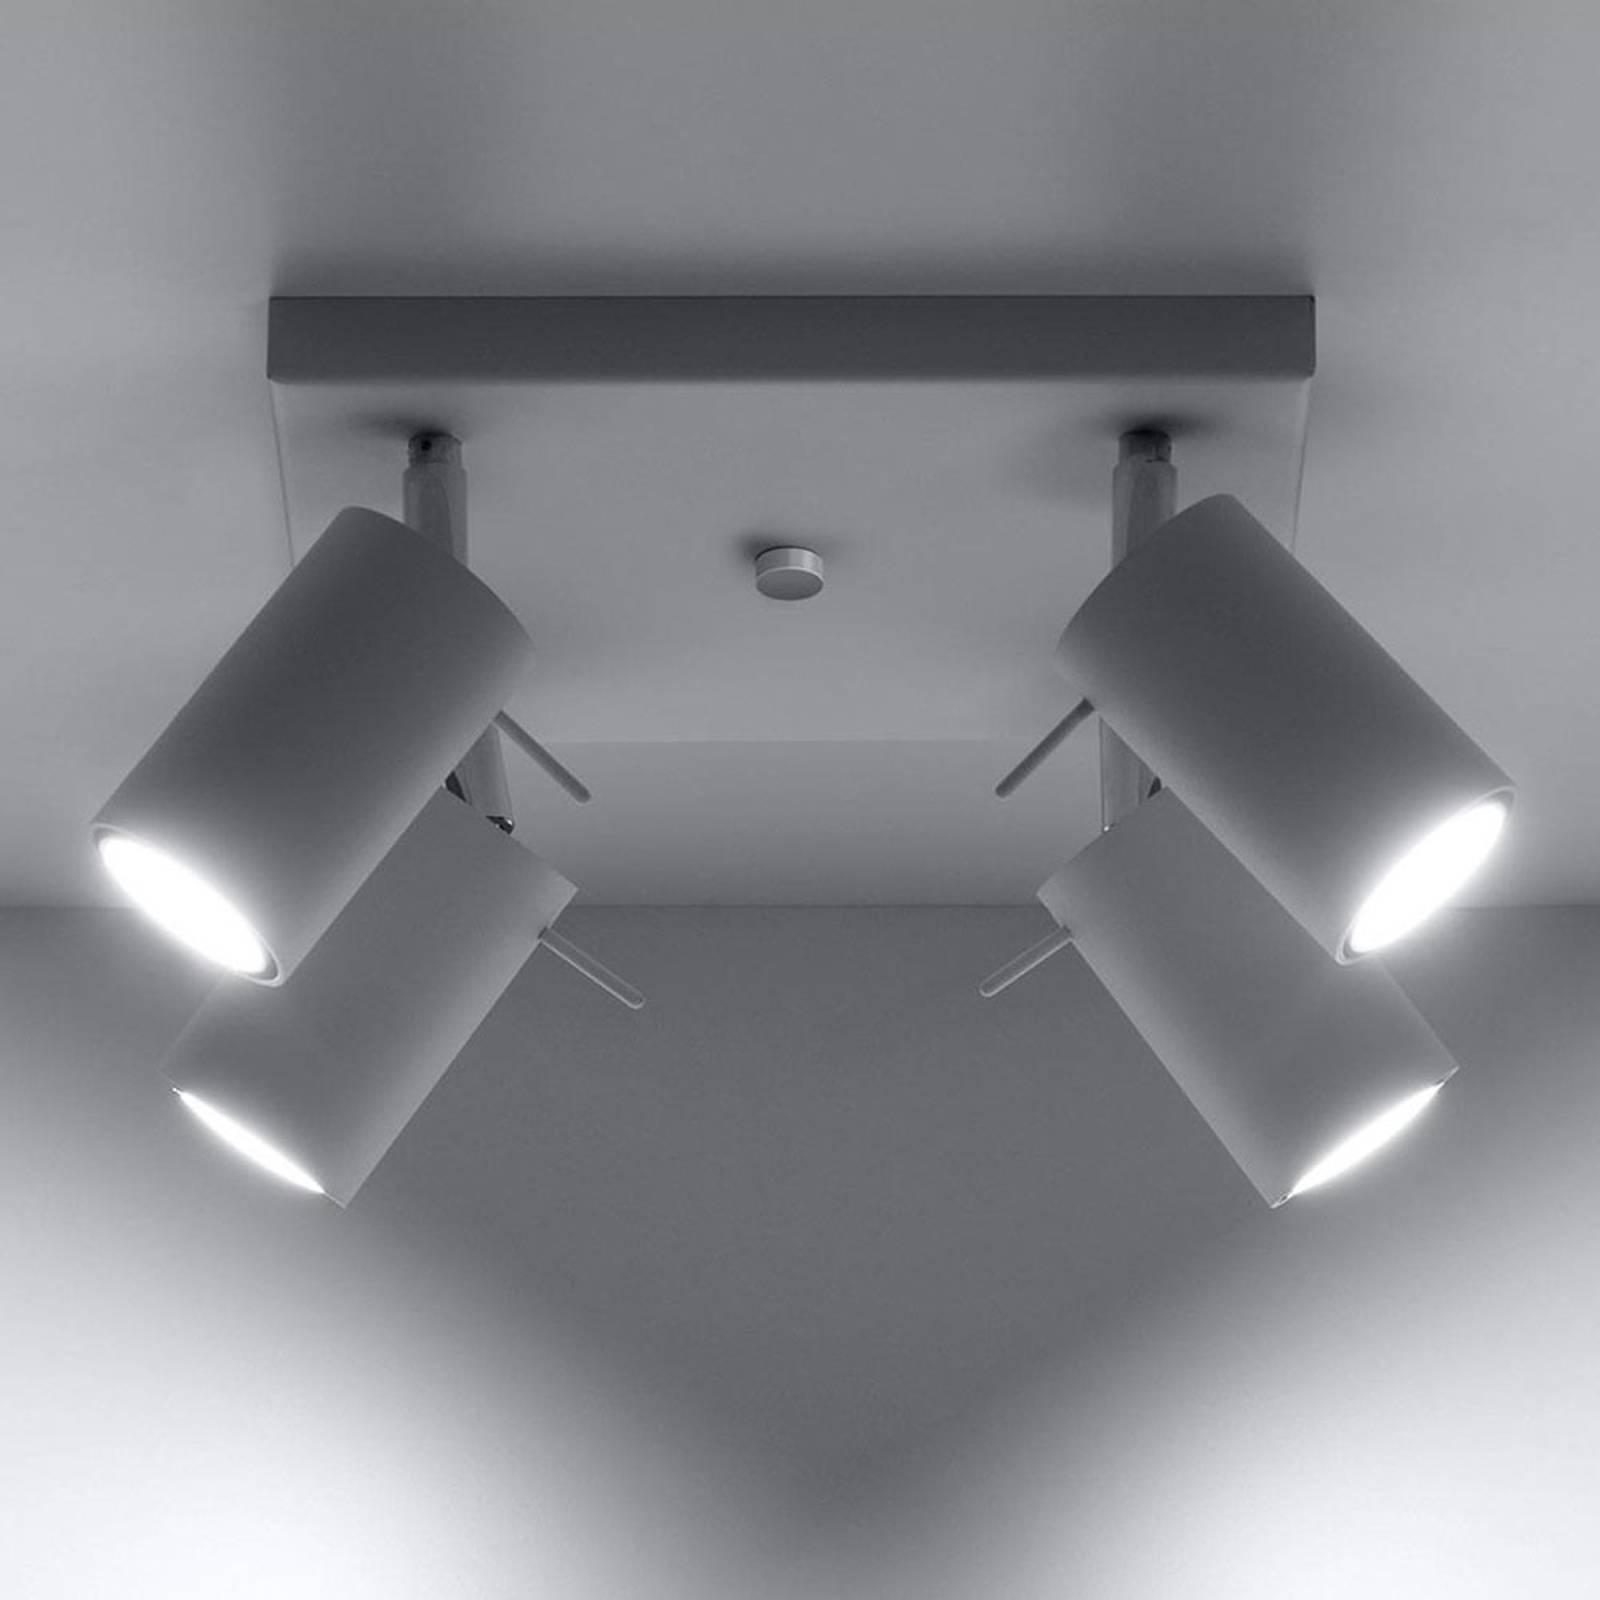 Deckenstrahler Round, weiß, vierflammig Quadrat